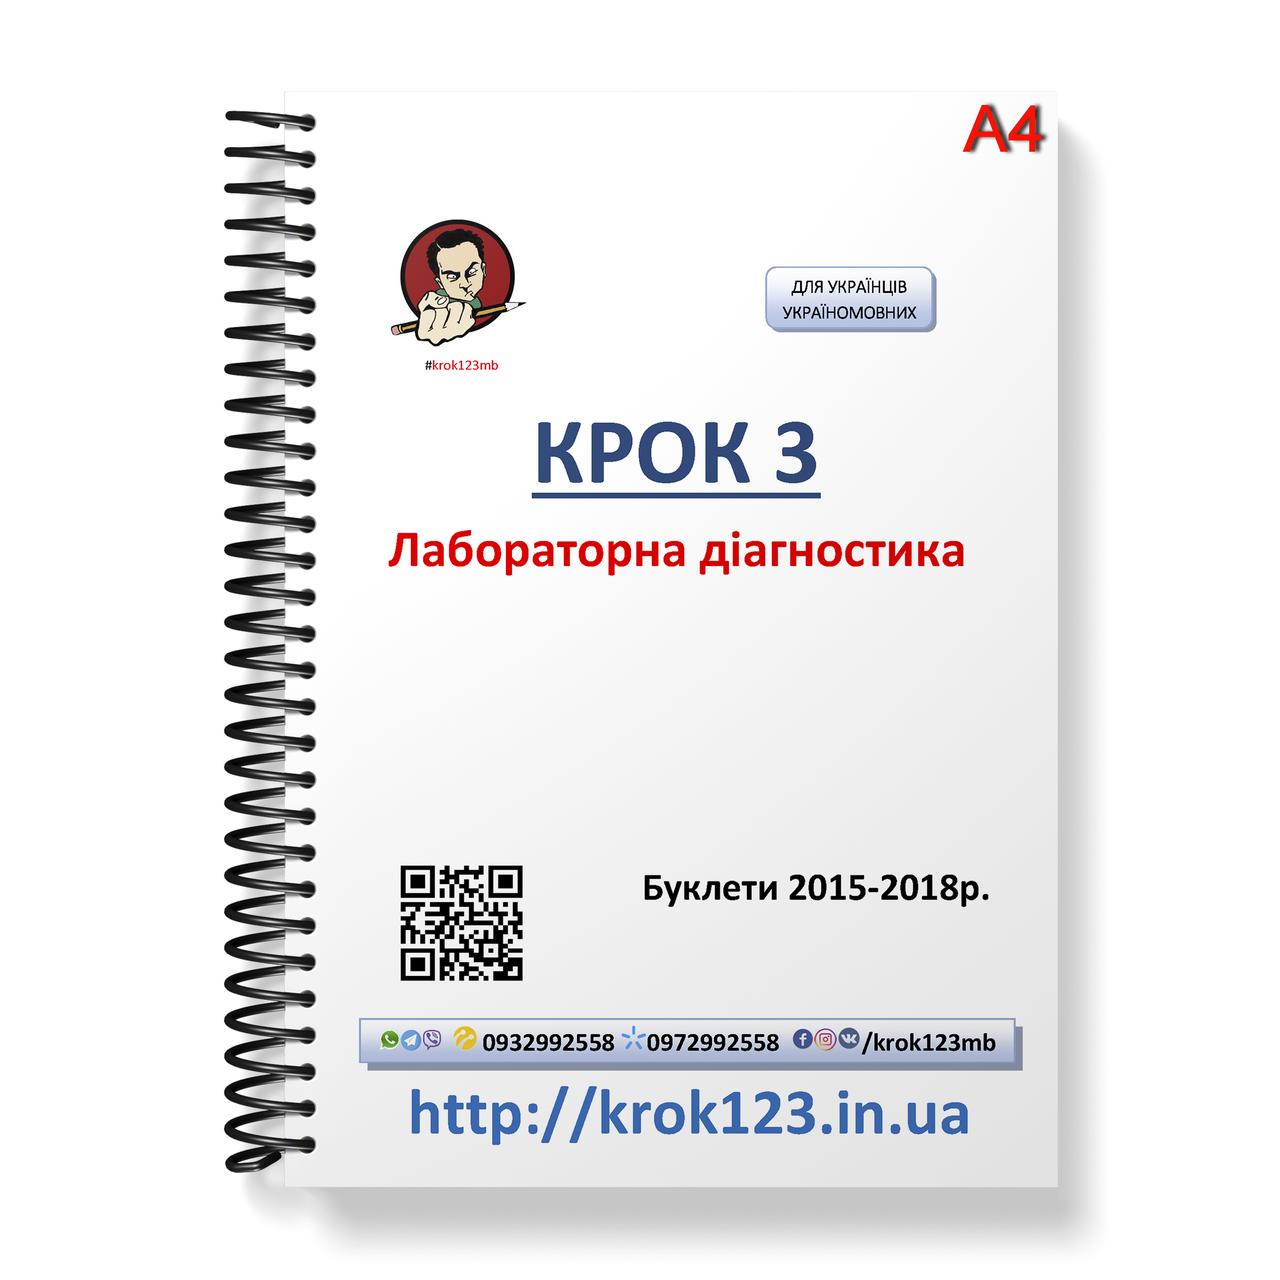 Крок 3. Лабораторная диагностика. Буклеты 2015-2018 (весна + осень). Для украинцев украиноязычных. Формат А4